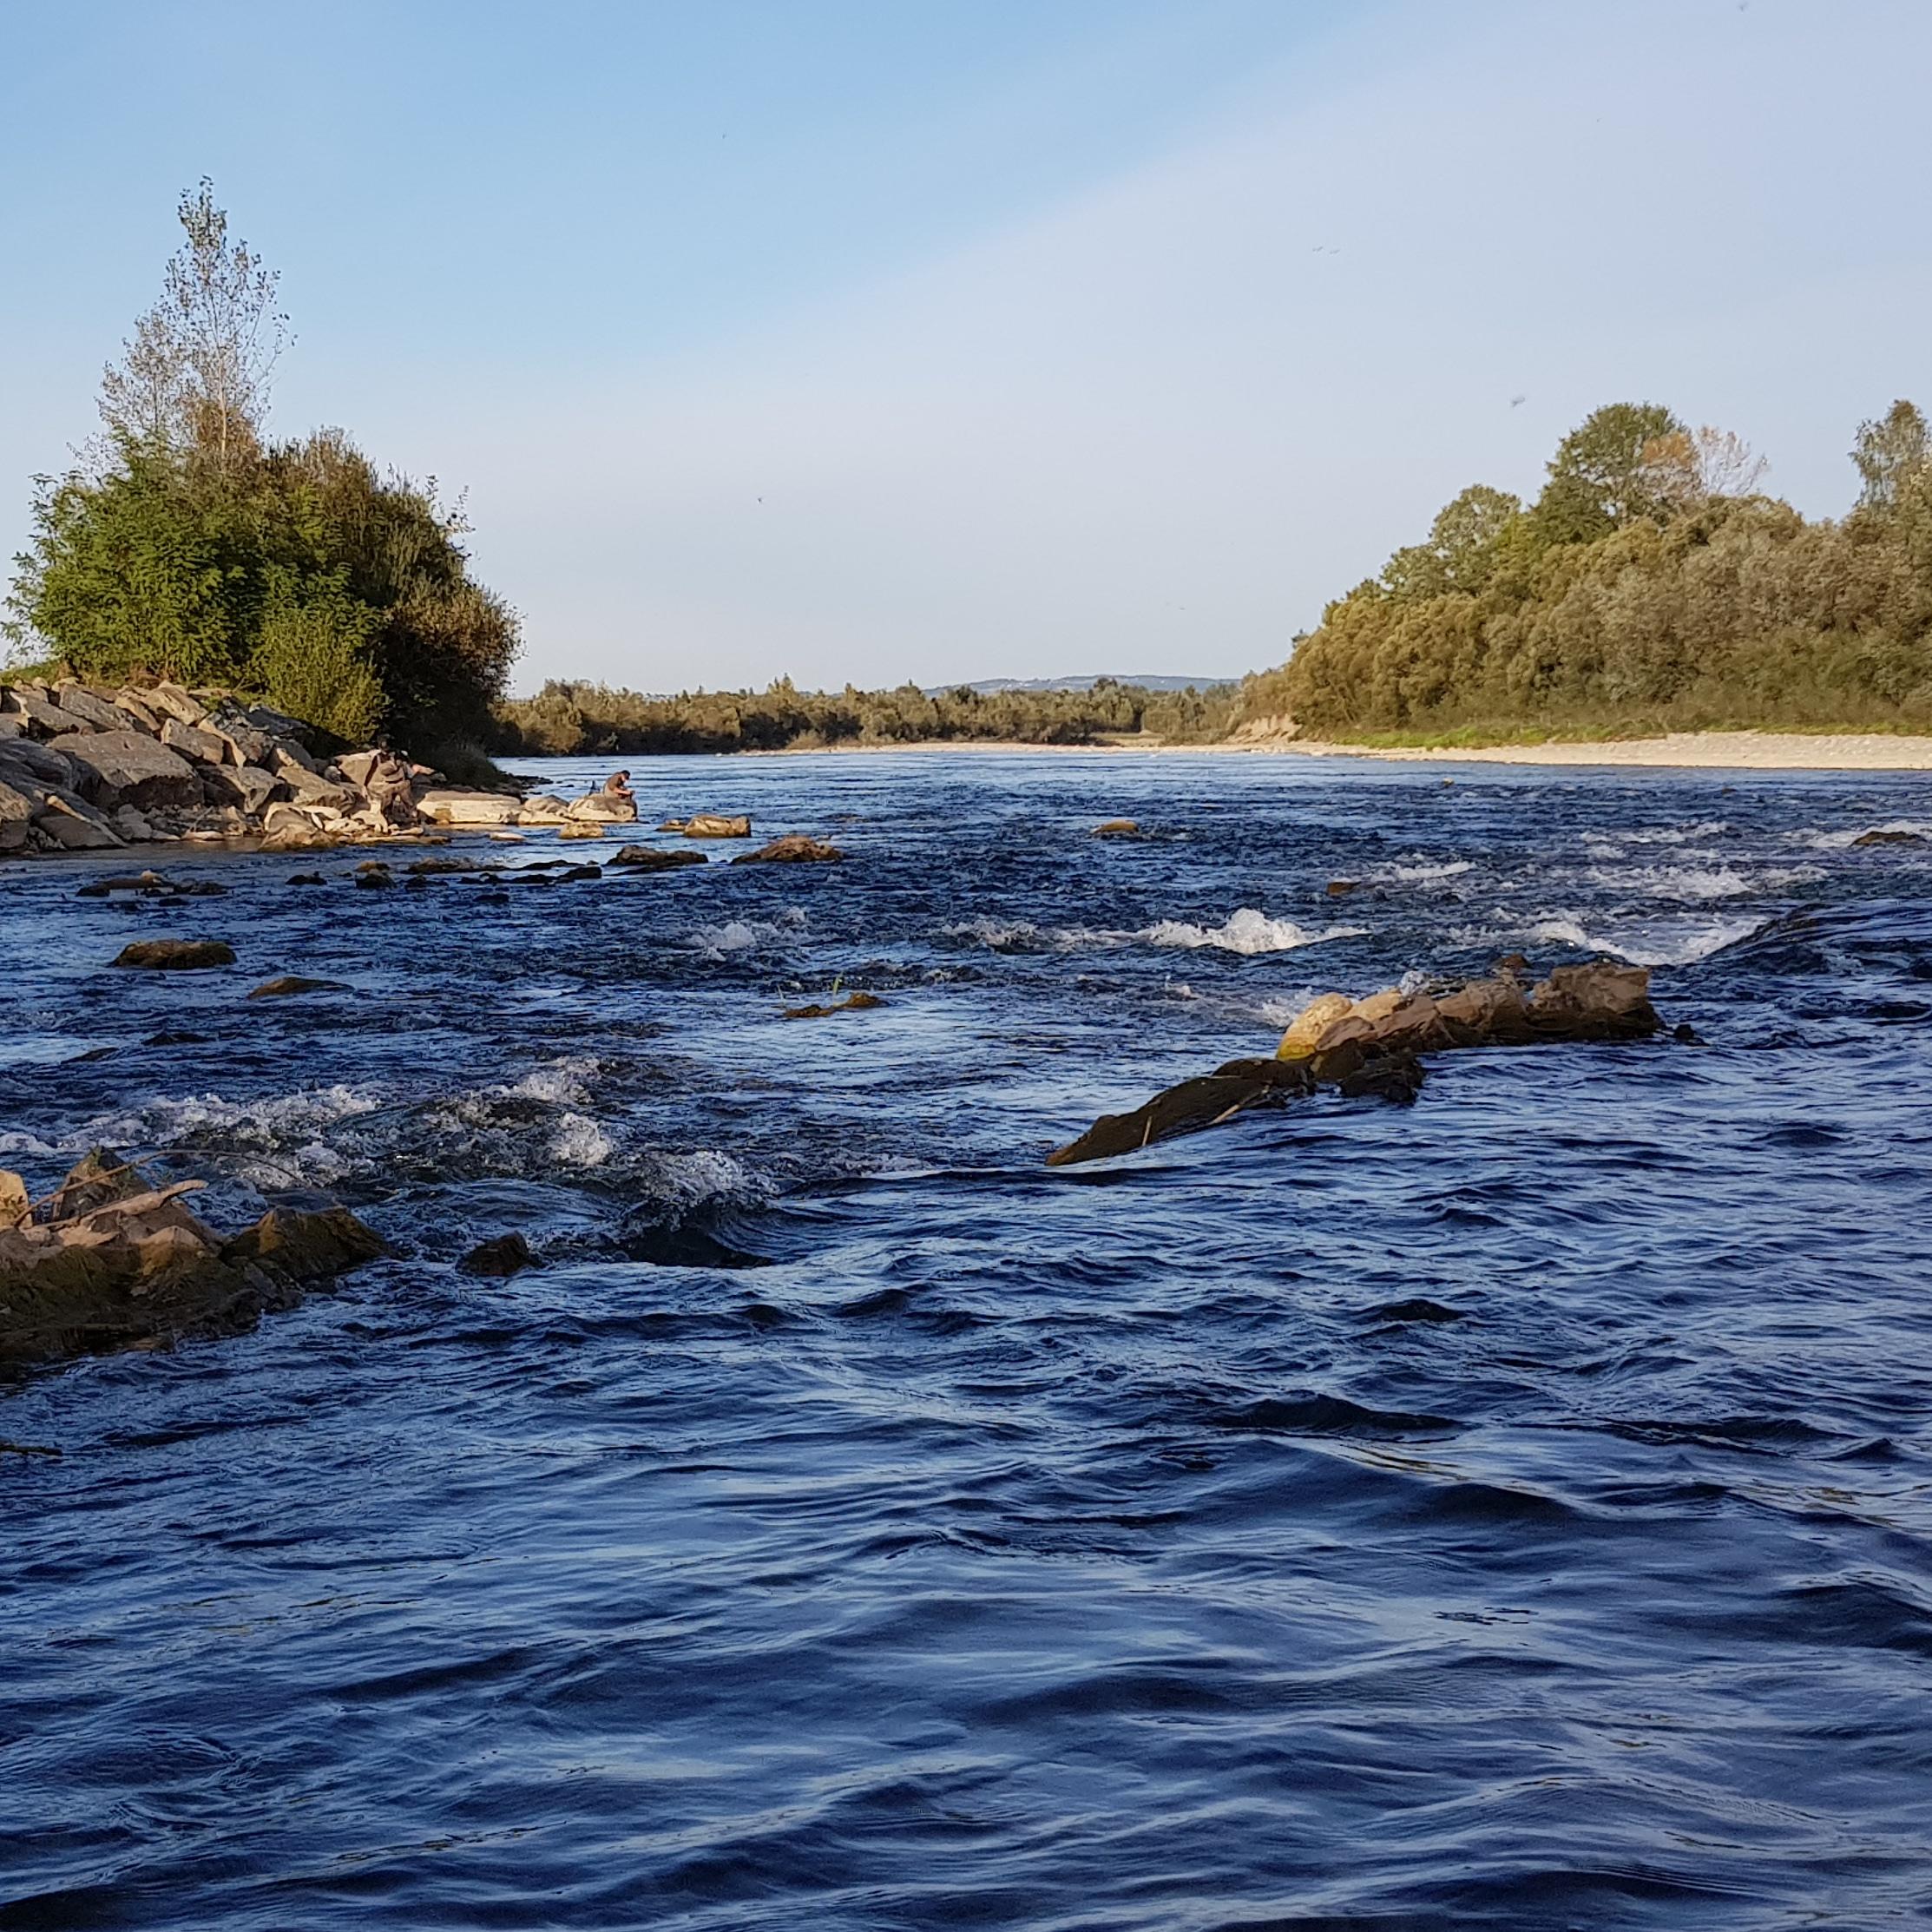 No kill zone - trout, grayling, Hucho-hucho and barbel area